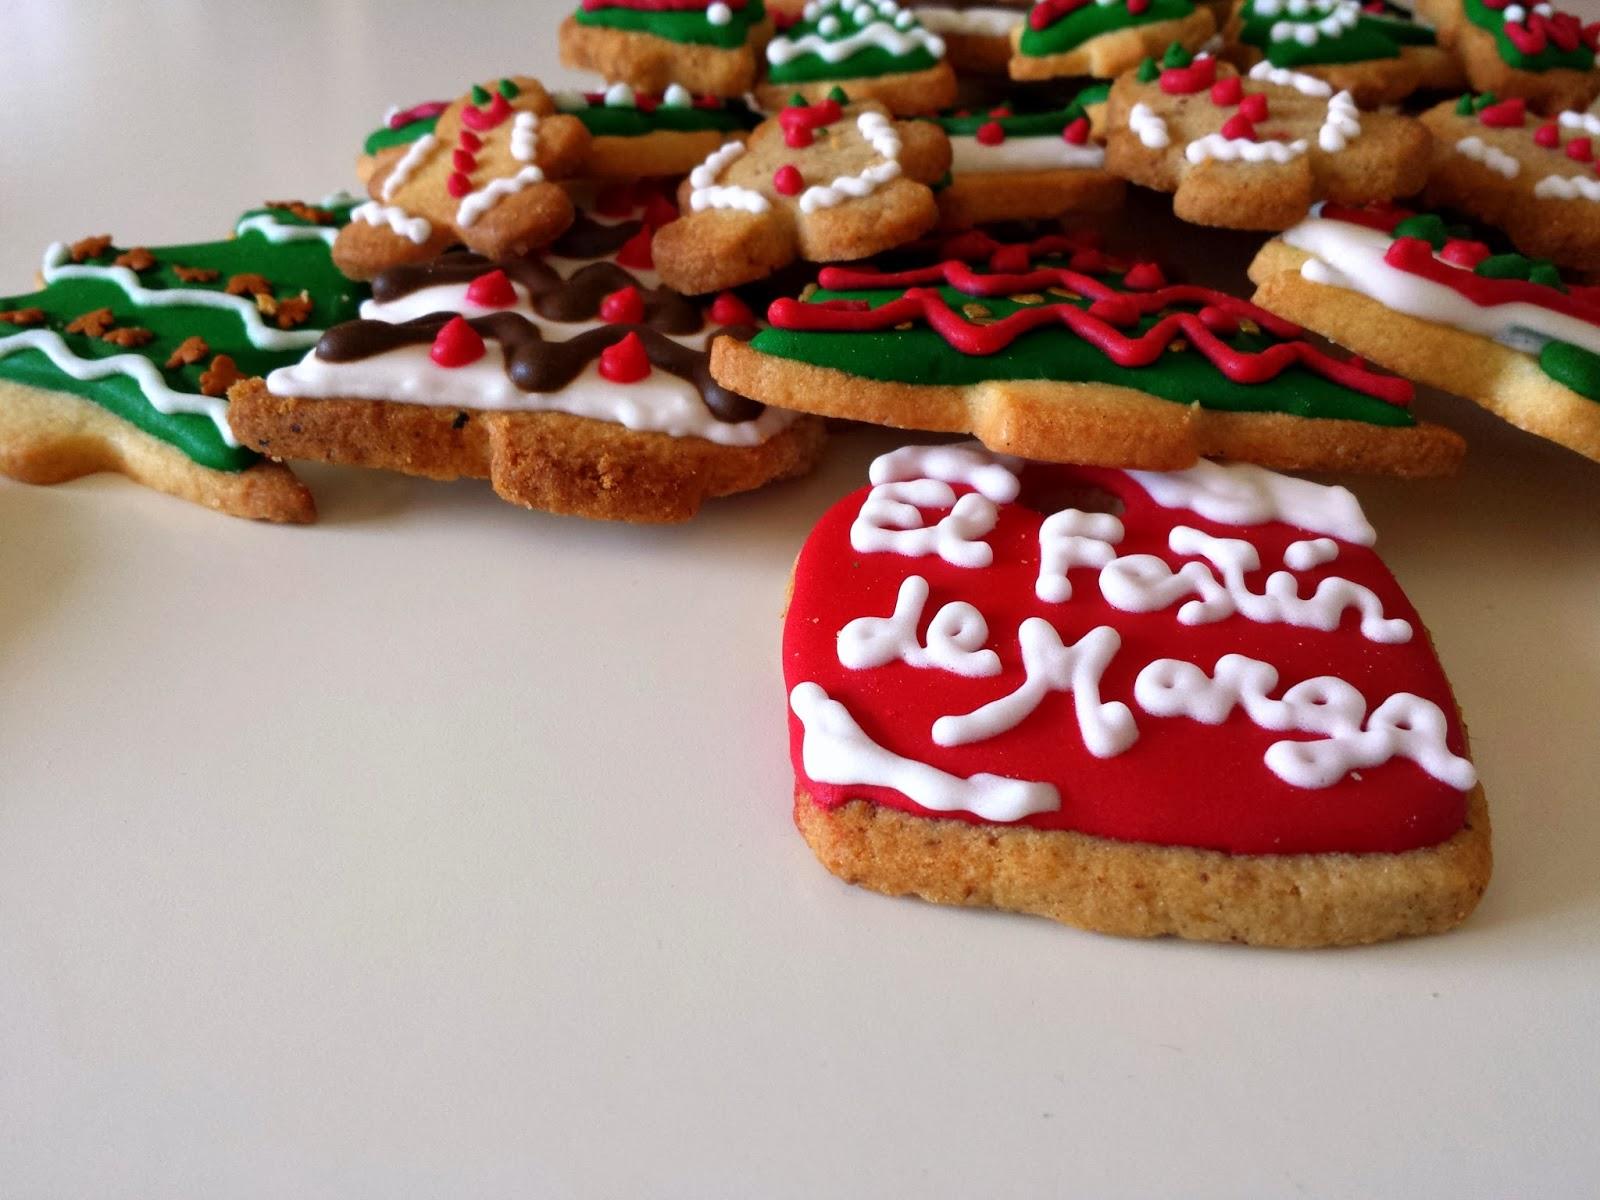 El festín de Marga: Galletas de Navidad decoradas con ...